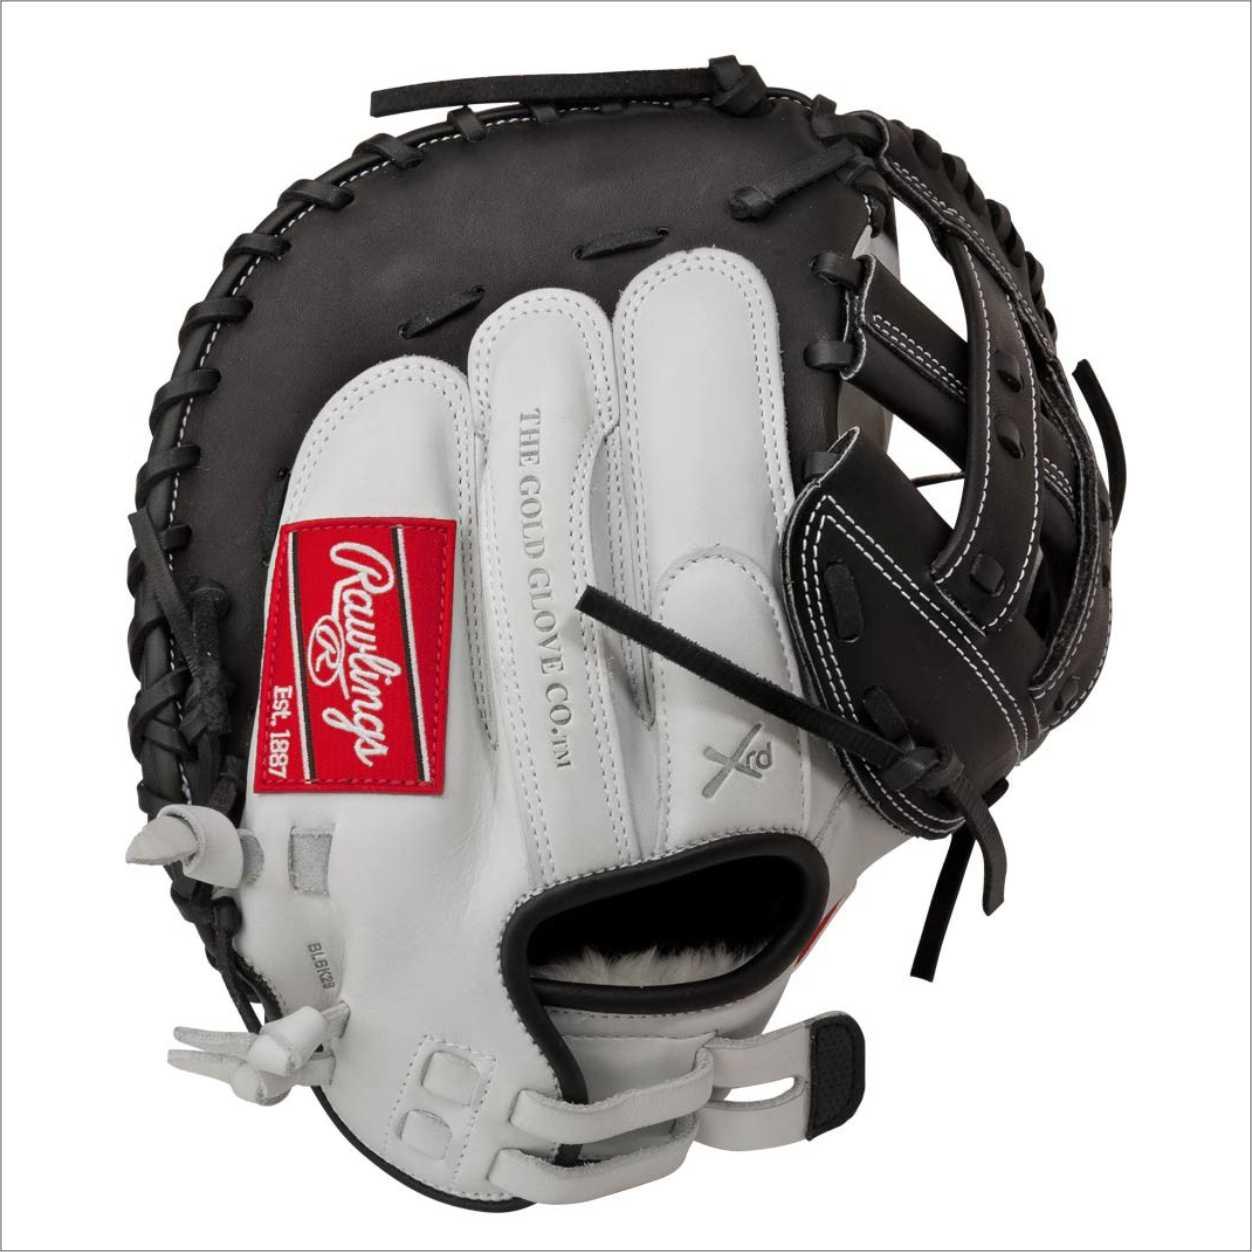 Rawlings RLACM33 Glove